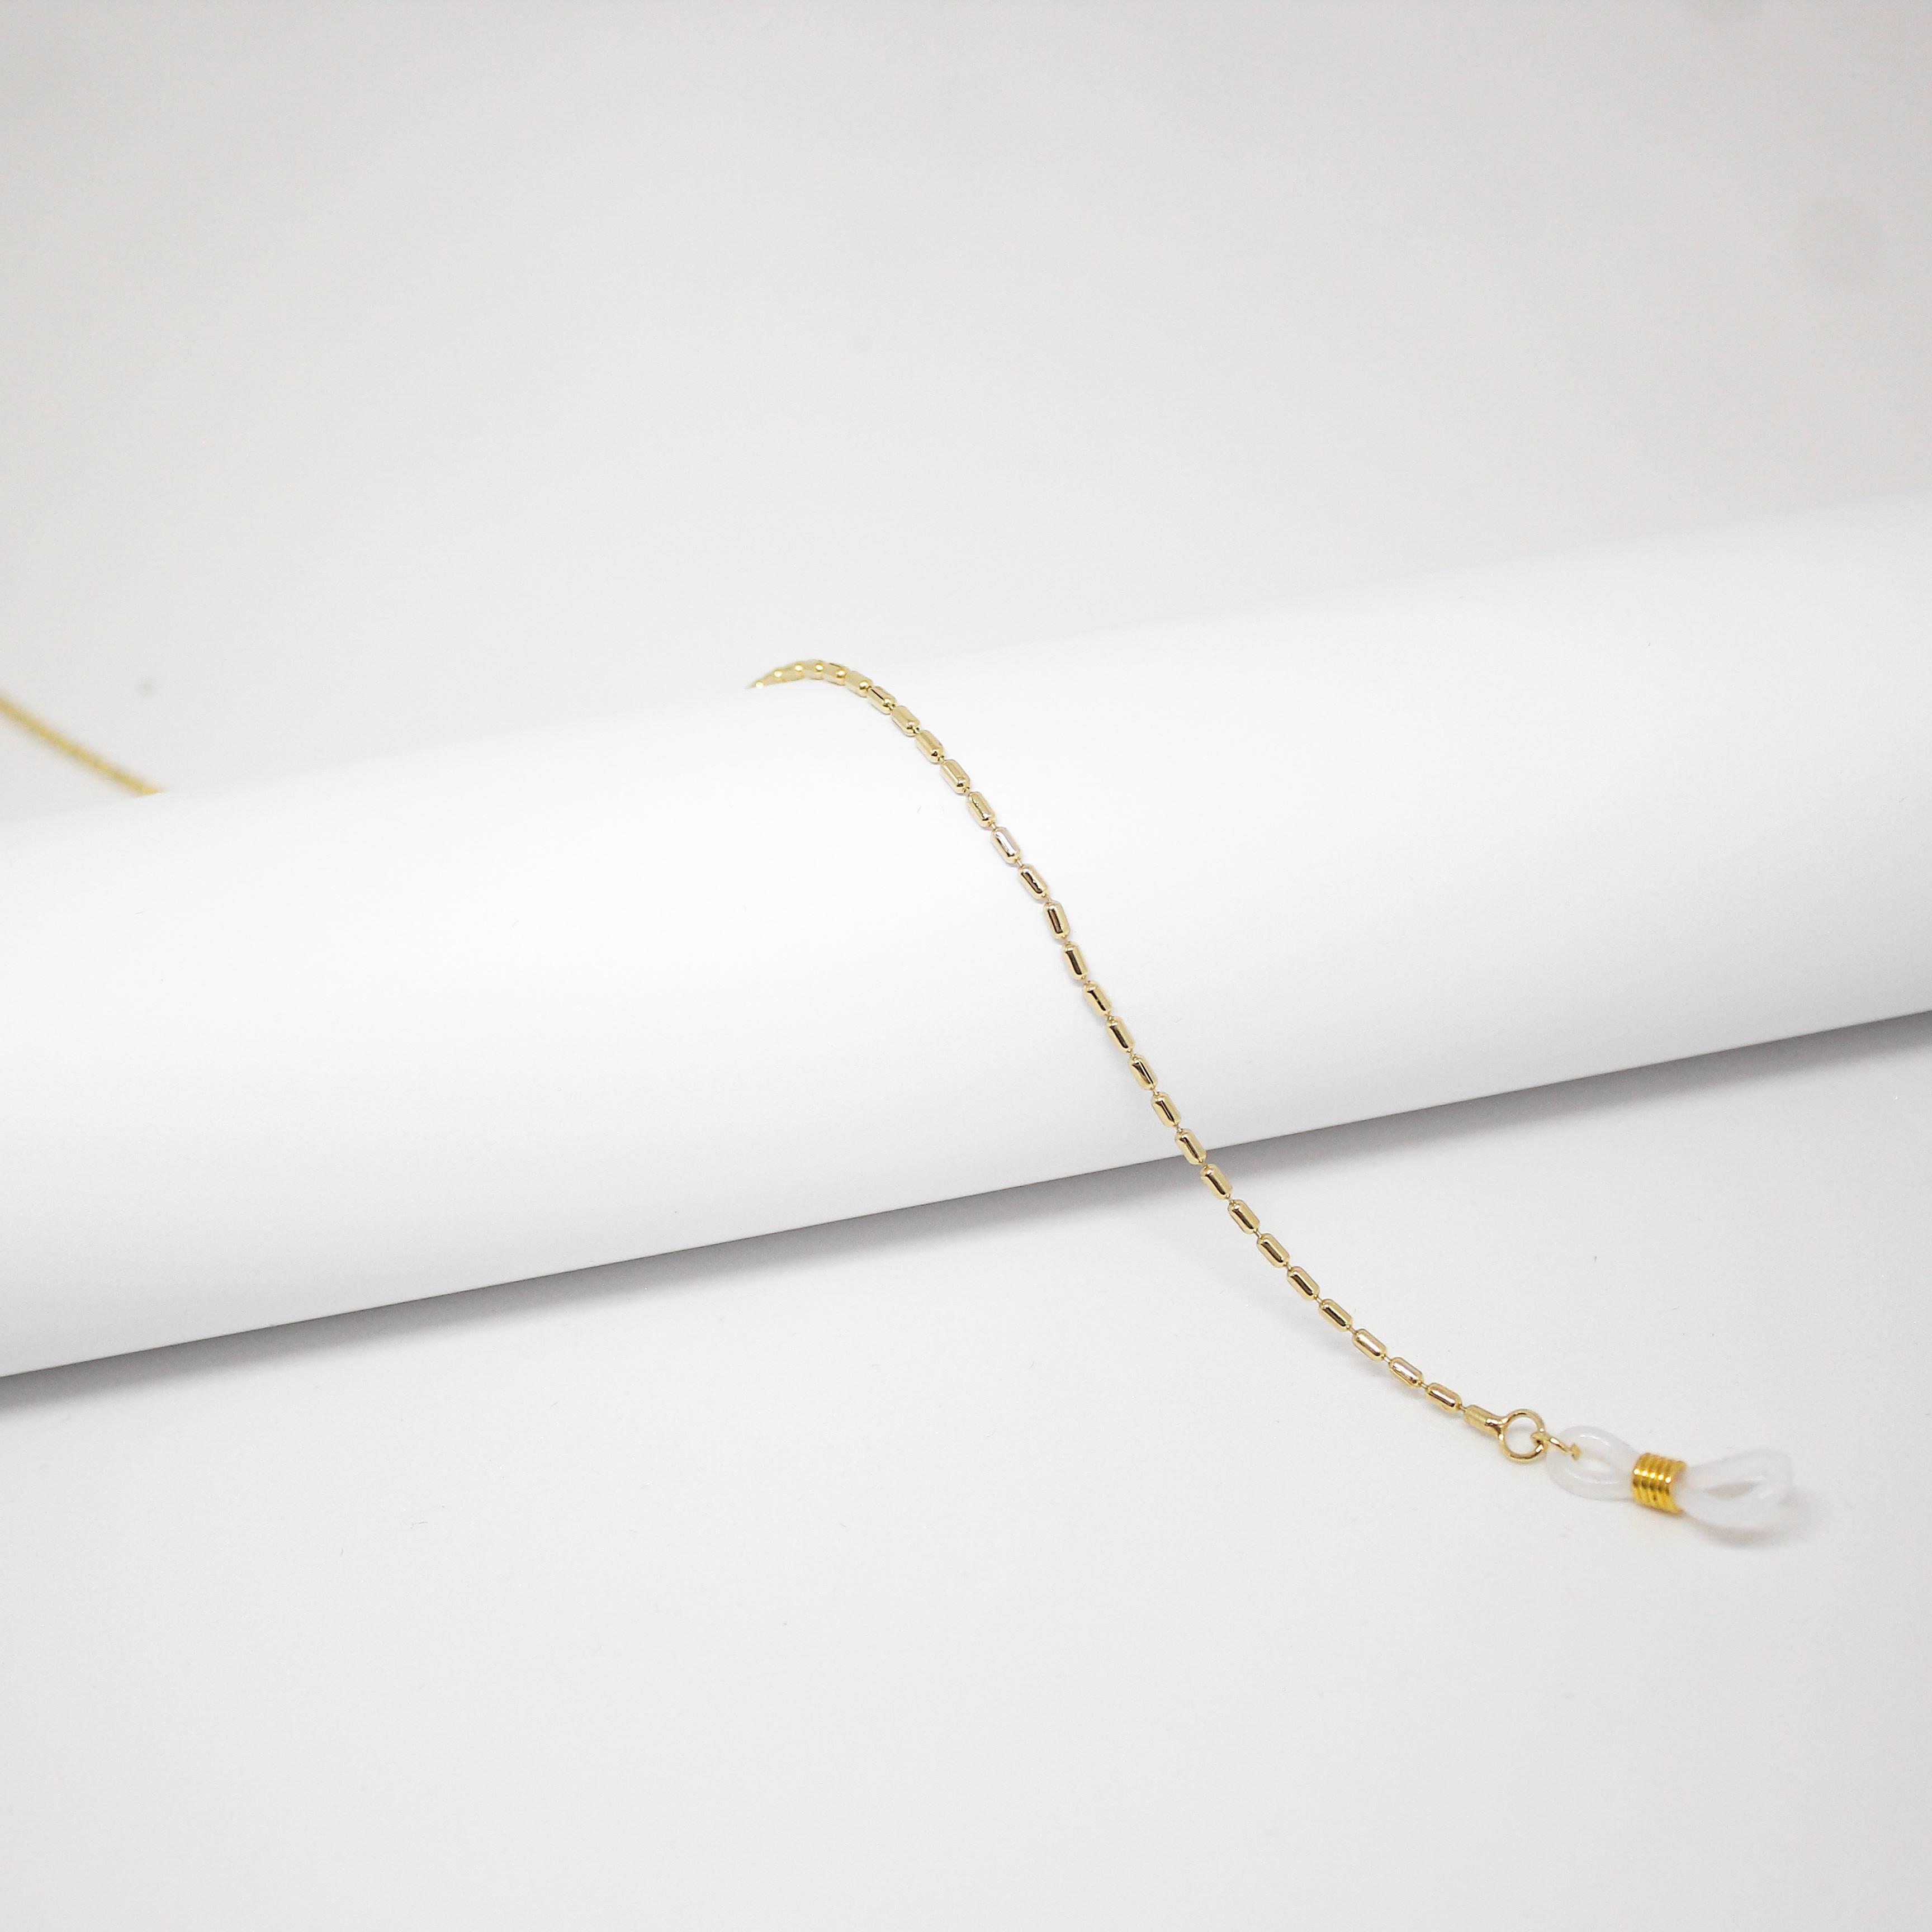 16176431 - Corrente Bastão Mini Ouro - Contém 3 Peças